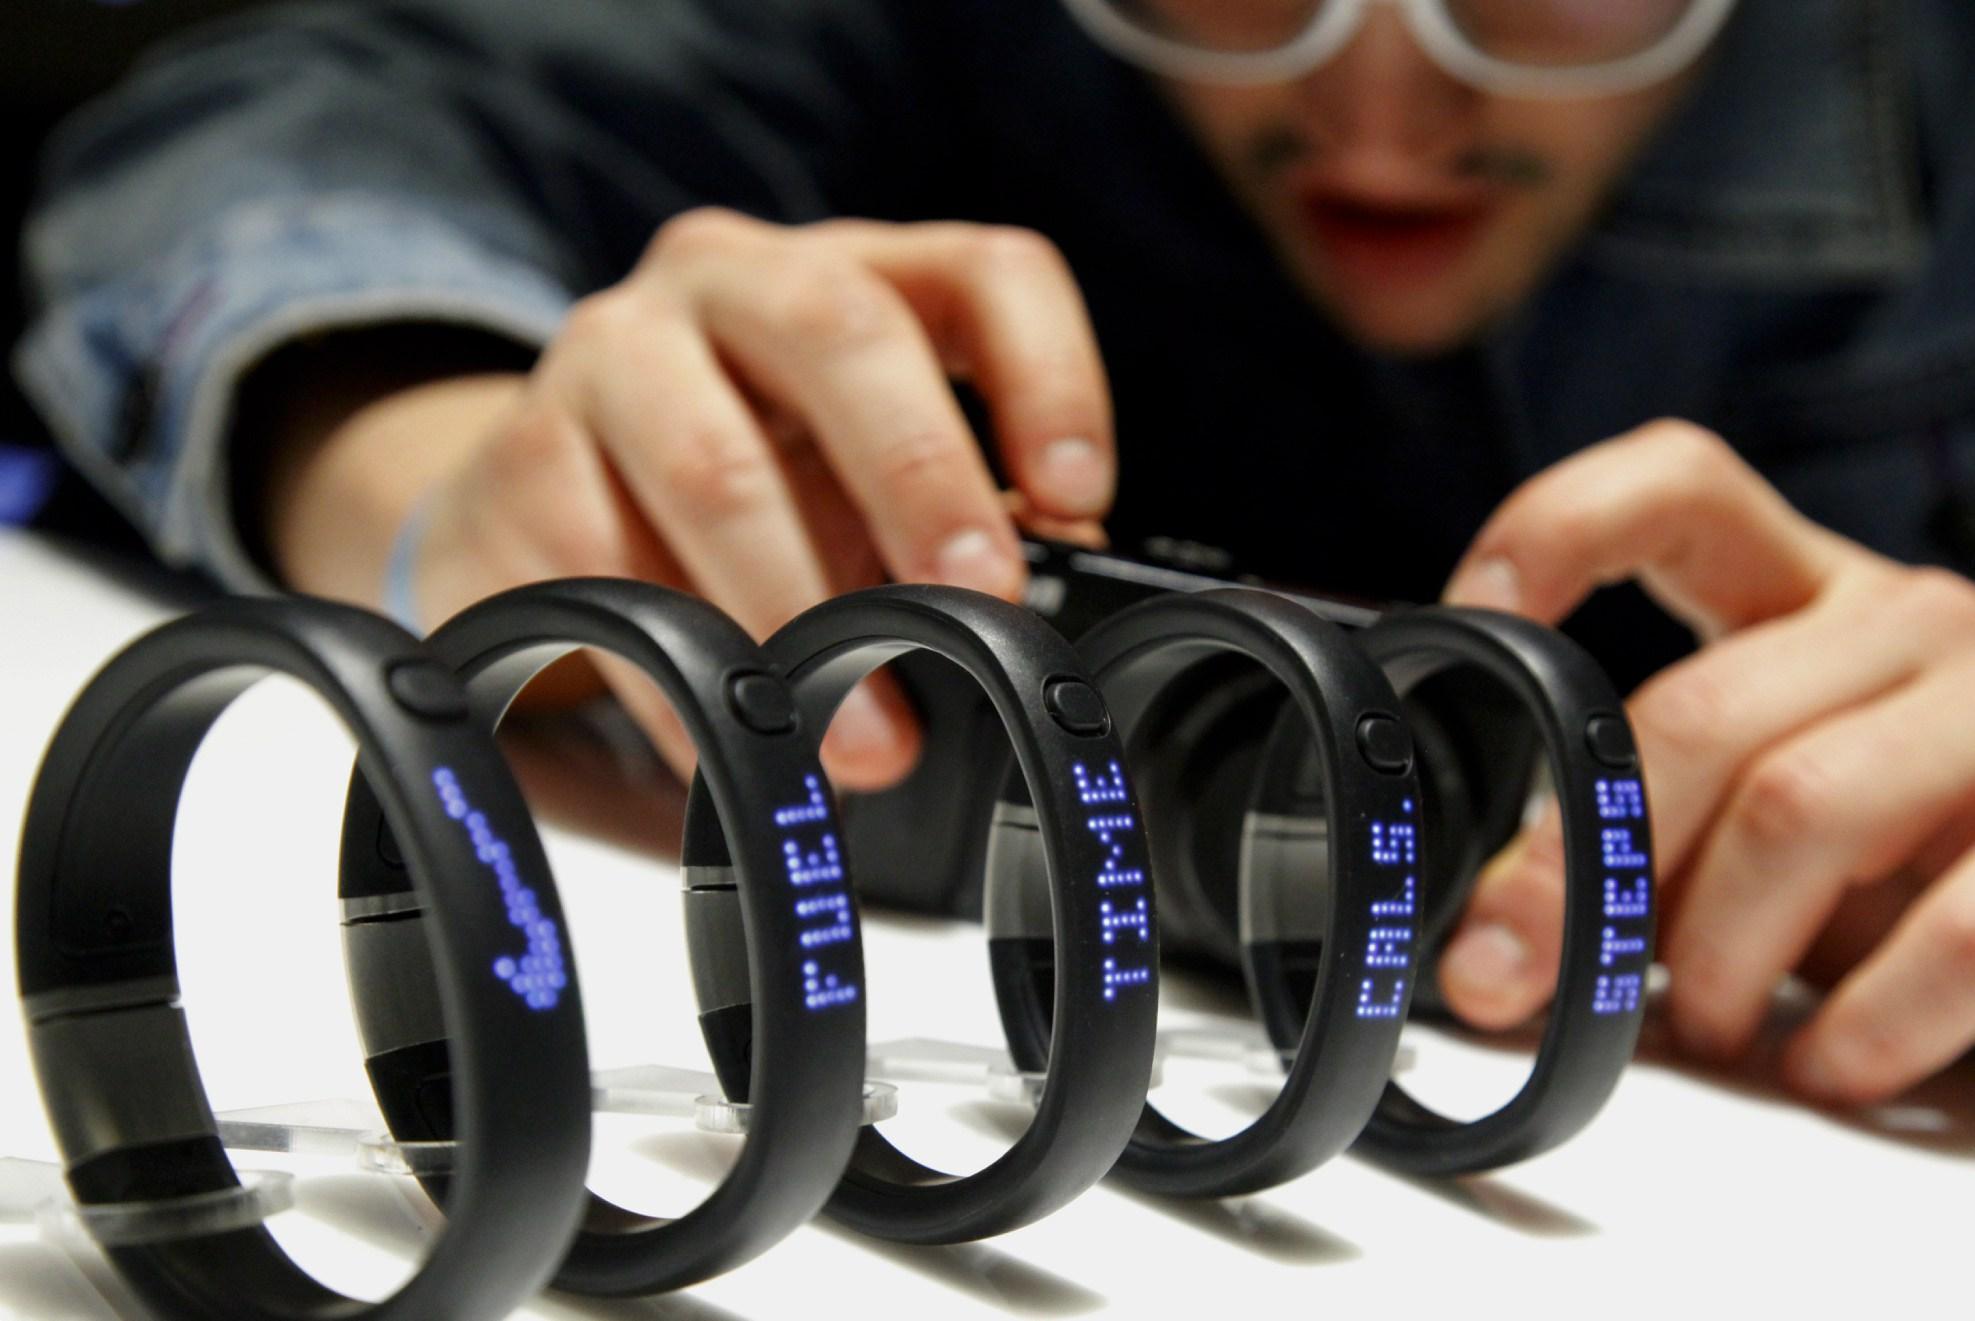 image0014 - Đồng hồ thông minh của Nike sẽ có mặt vào nửa đầu 2014